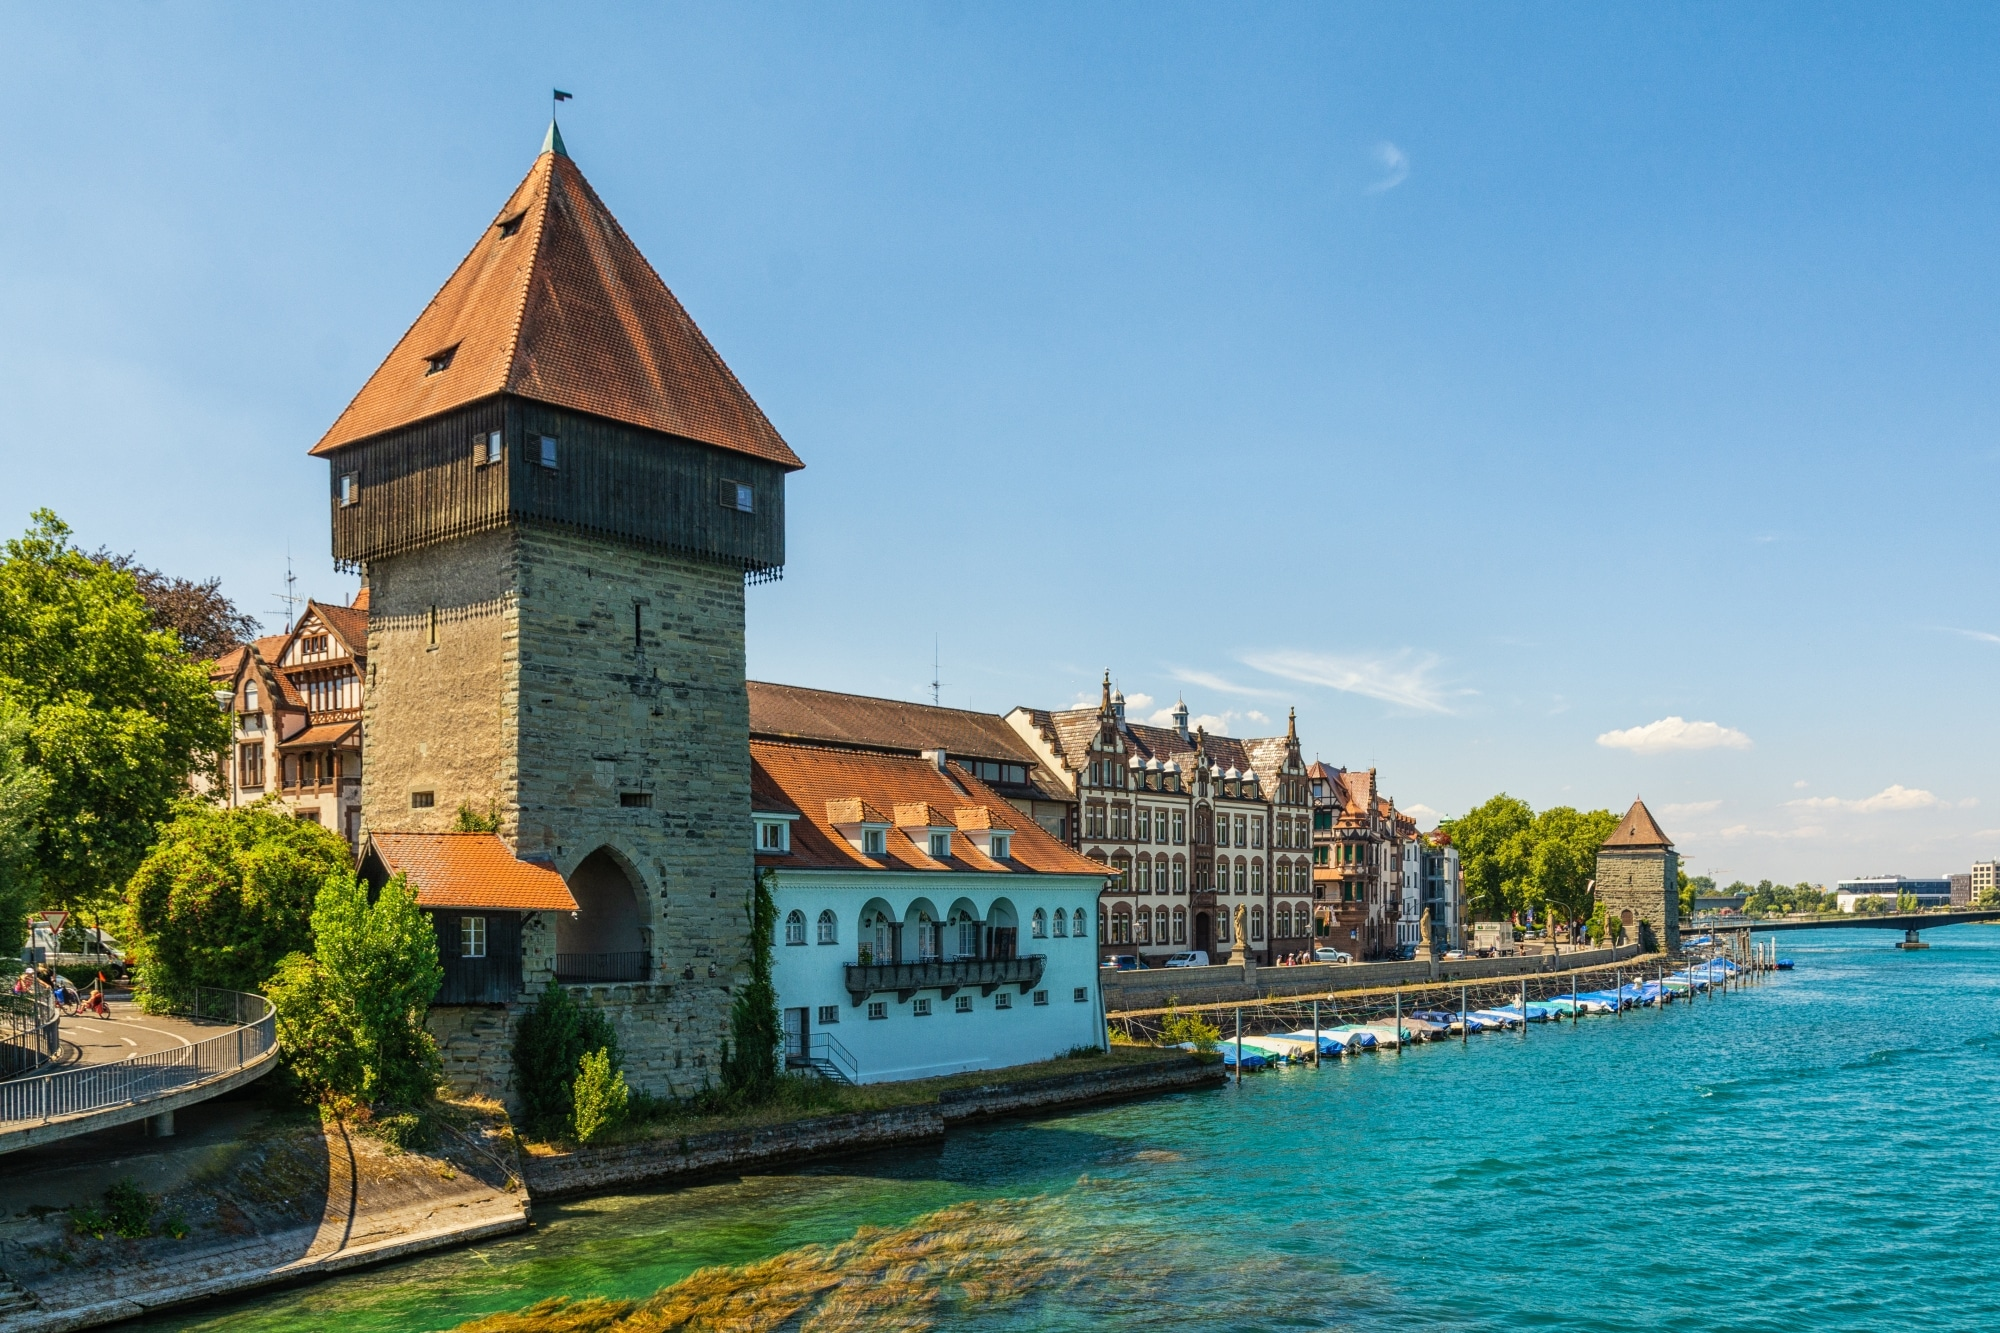 Der Rheintorturm in Konstanz am Bodensee © adobestock